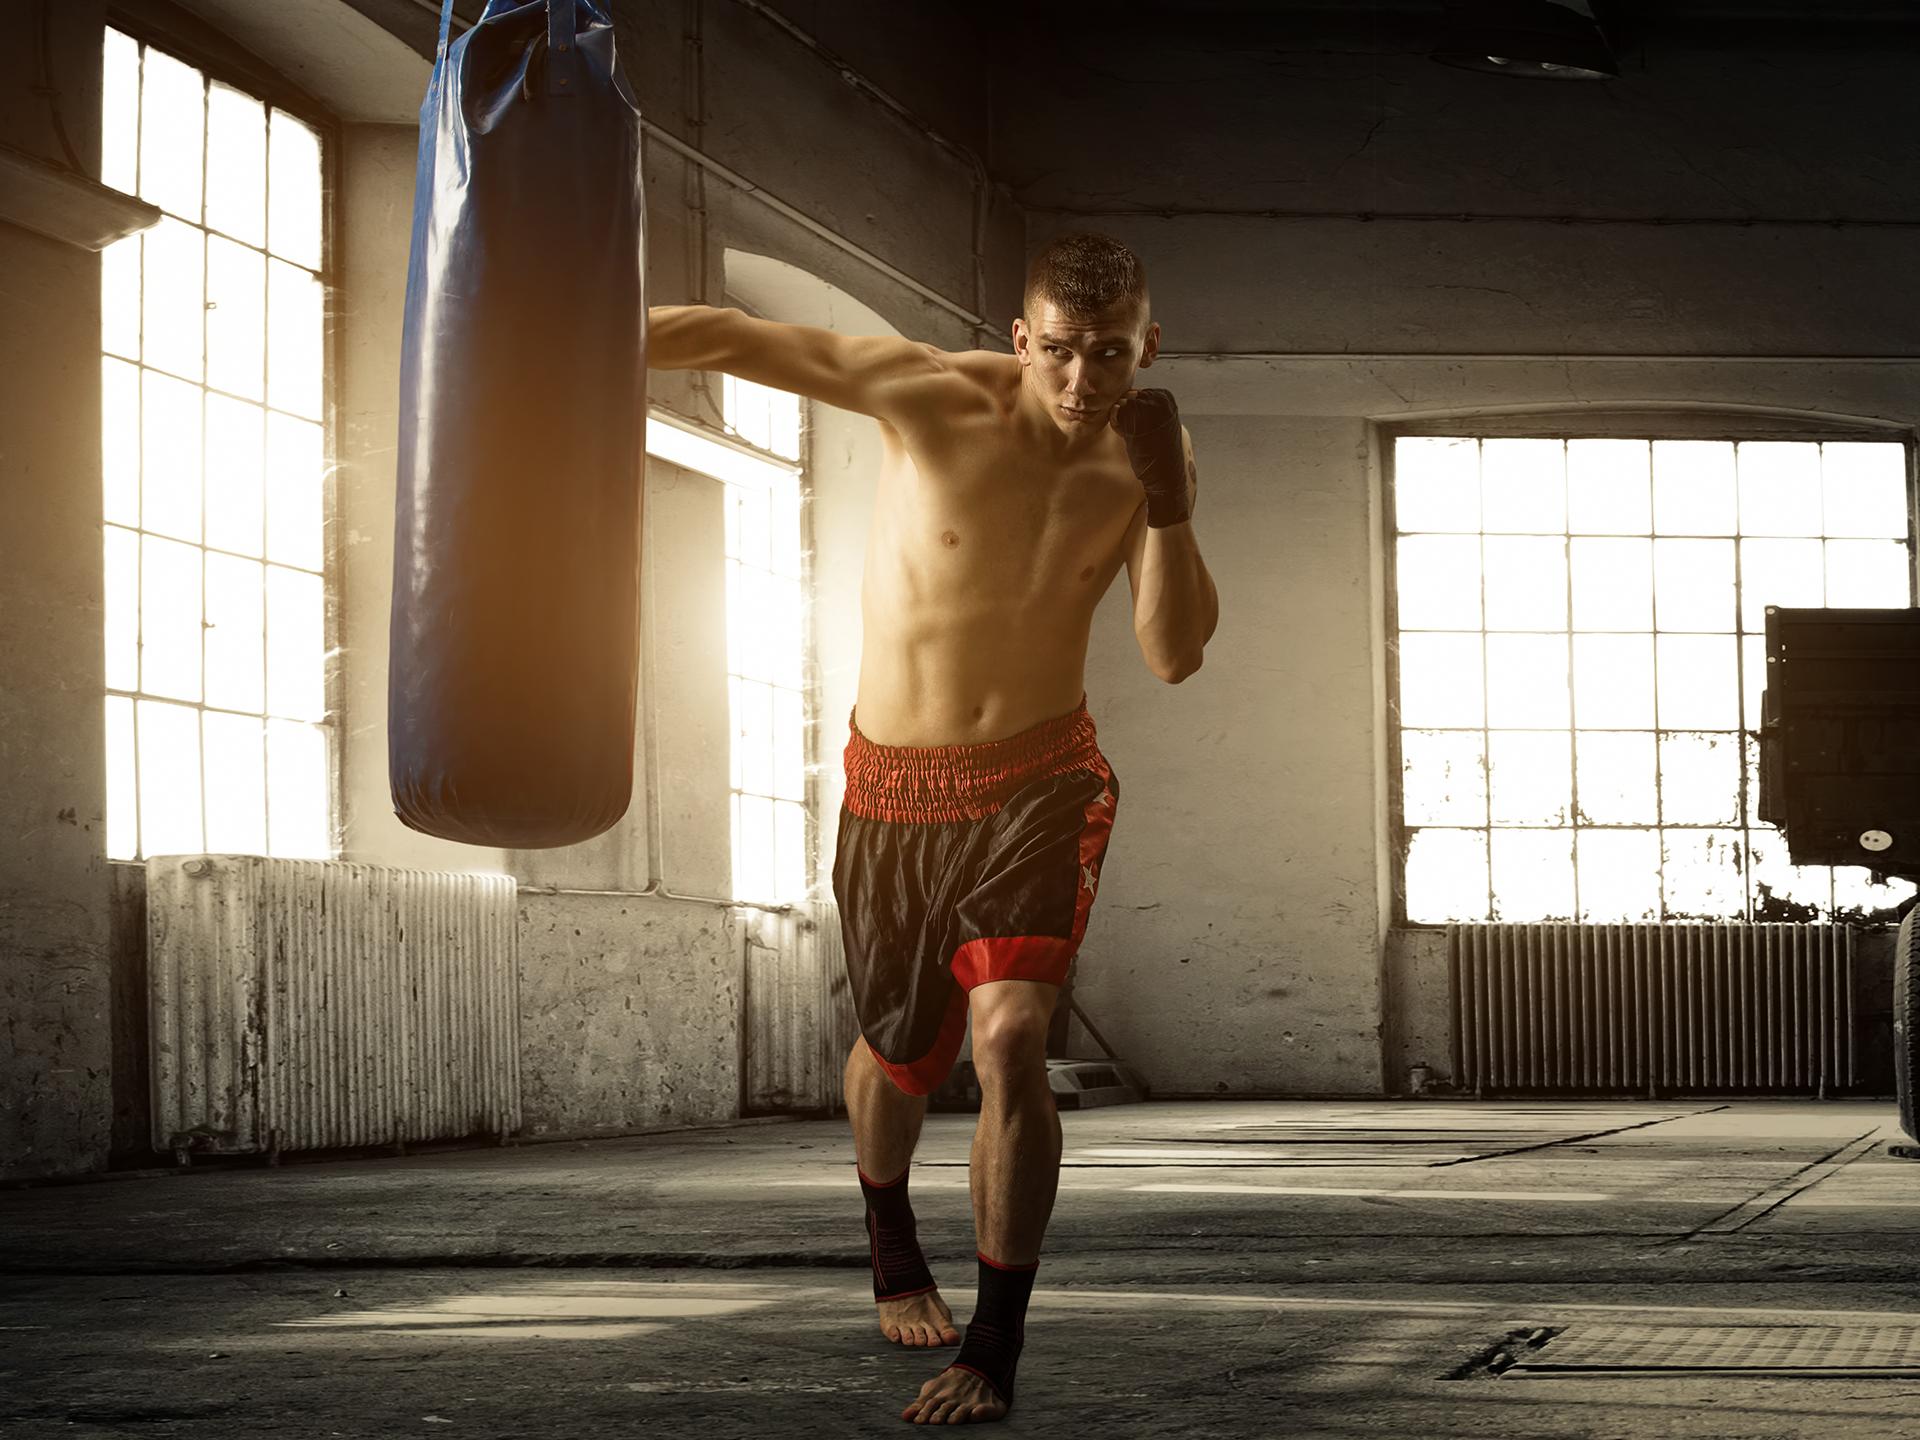 ボクシング・格闘技専門ケアのご案内|東京・三鷹のヘルスラボスポーツ